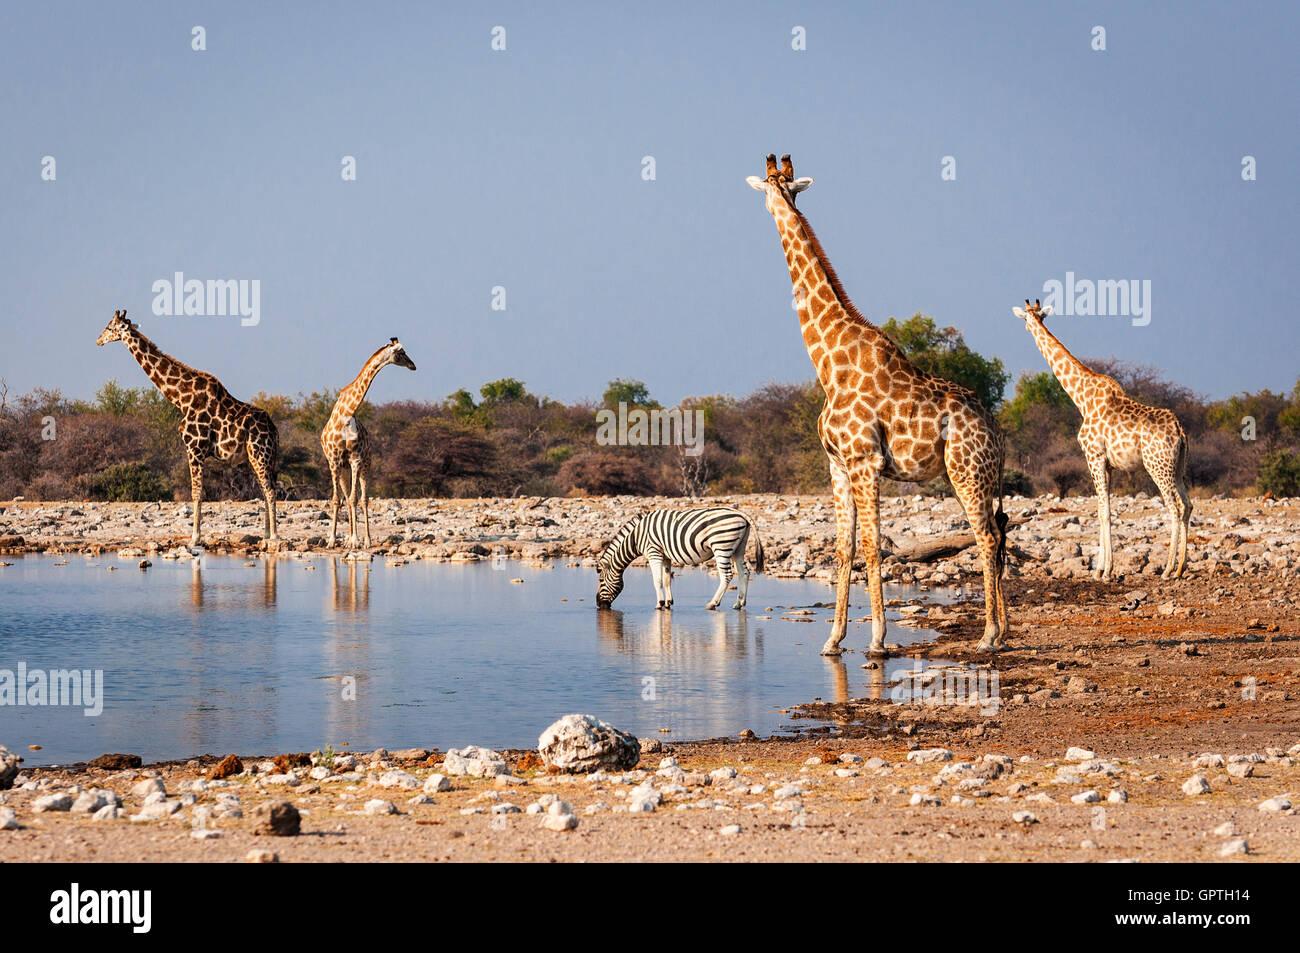 Grupo de animales silvestres cerca de un abrevadero en el Parque Nacional Etosha, en Namibia; concepto de viaje Imagen De Stock